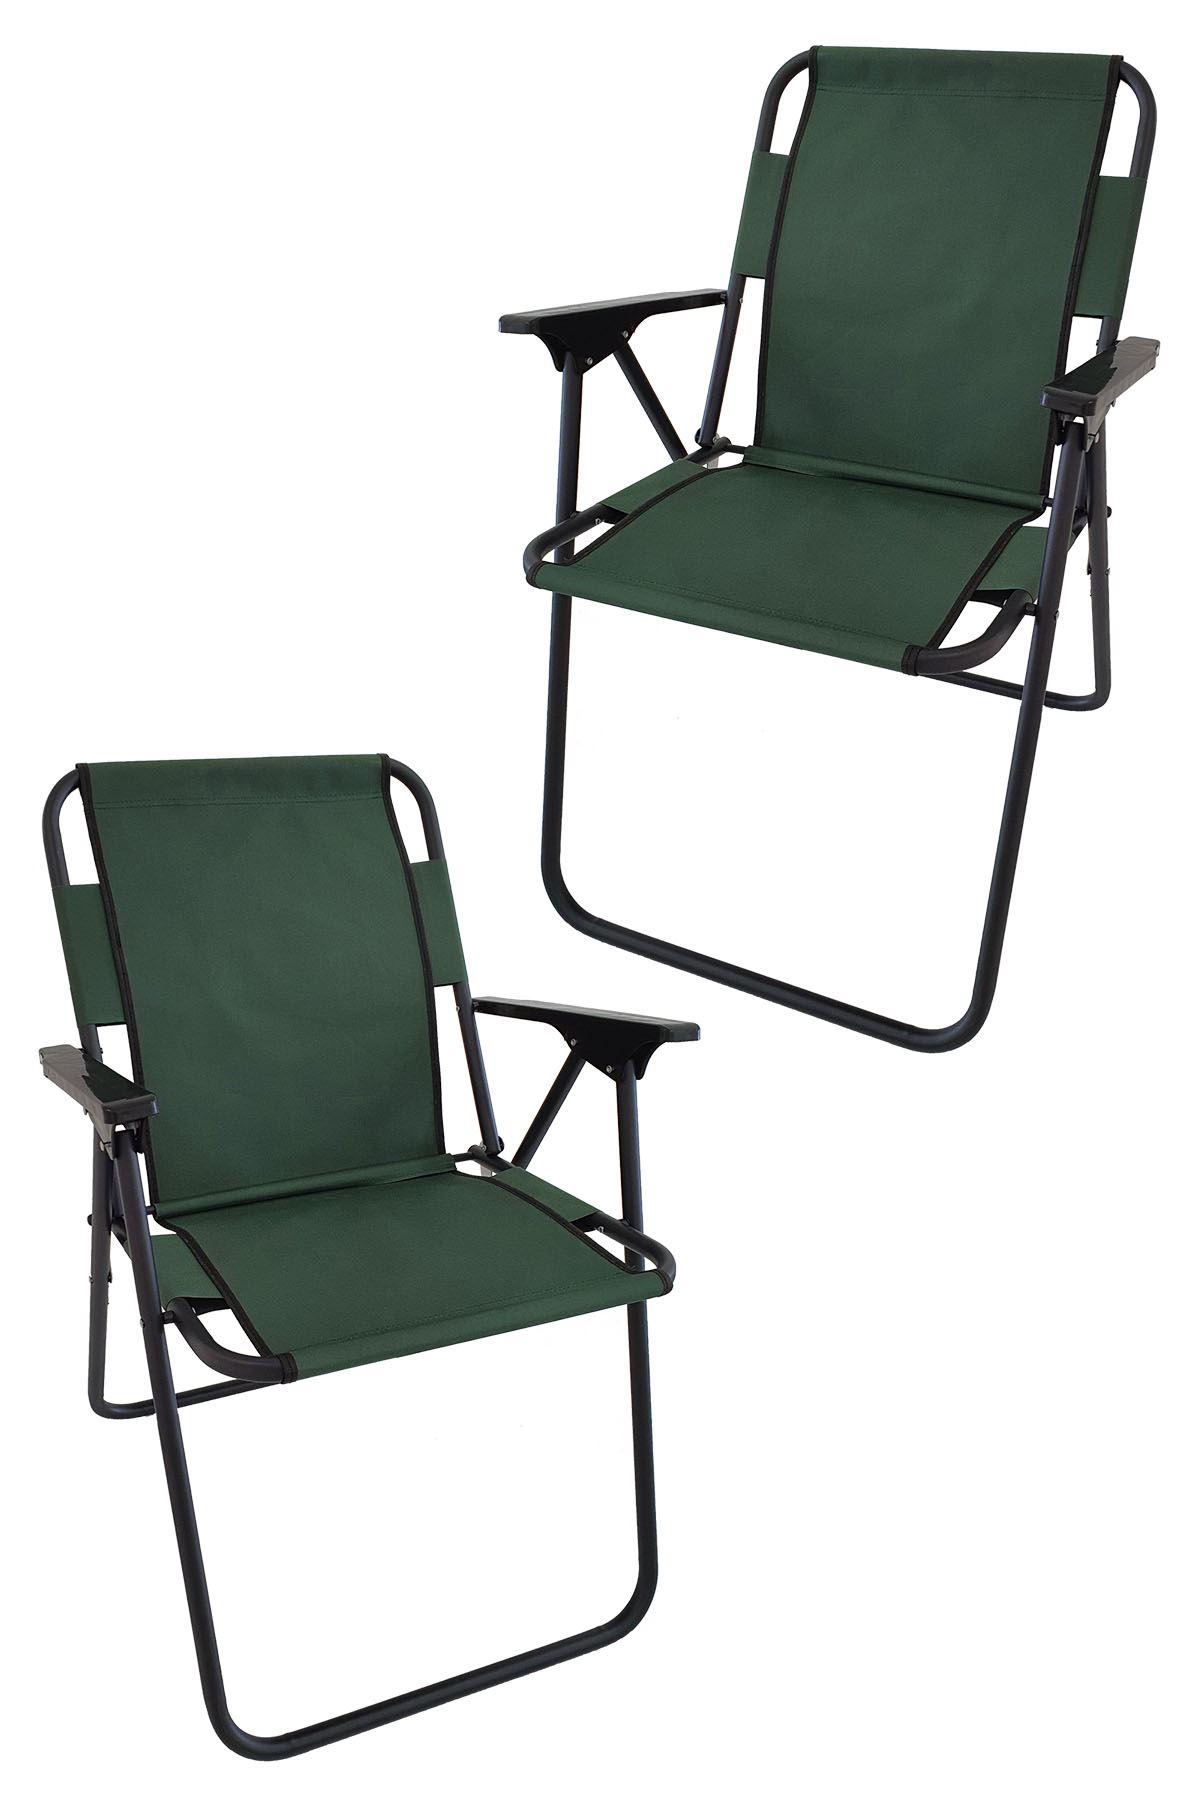 Bofigo 2 Adet Kamp Sandalyesi Katlanır Sandalye Piknik Sandalyesi Plaj Sandalyesi Yeşil